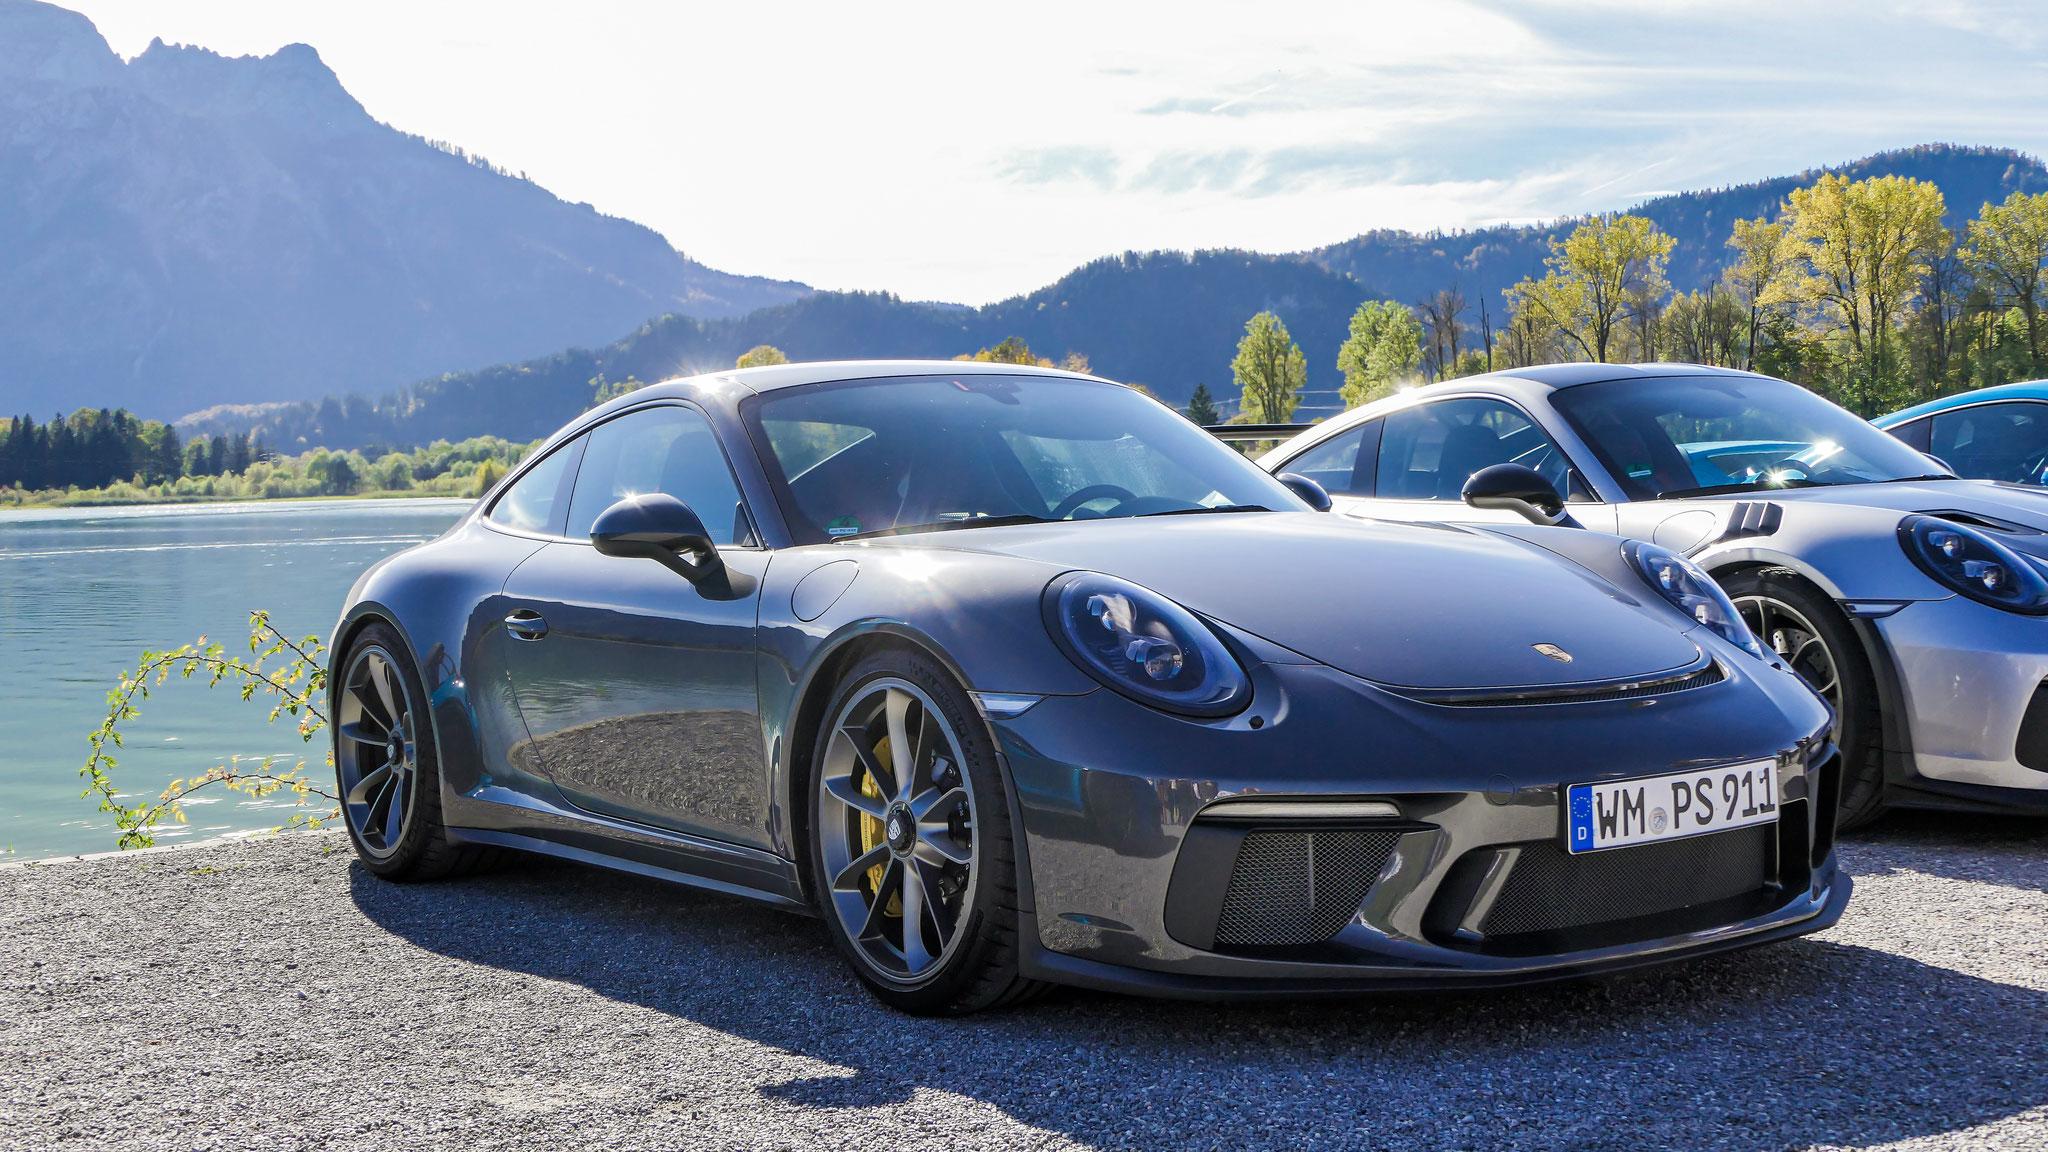 Porsche 991 GT3 - WM-PS-911